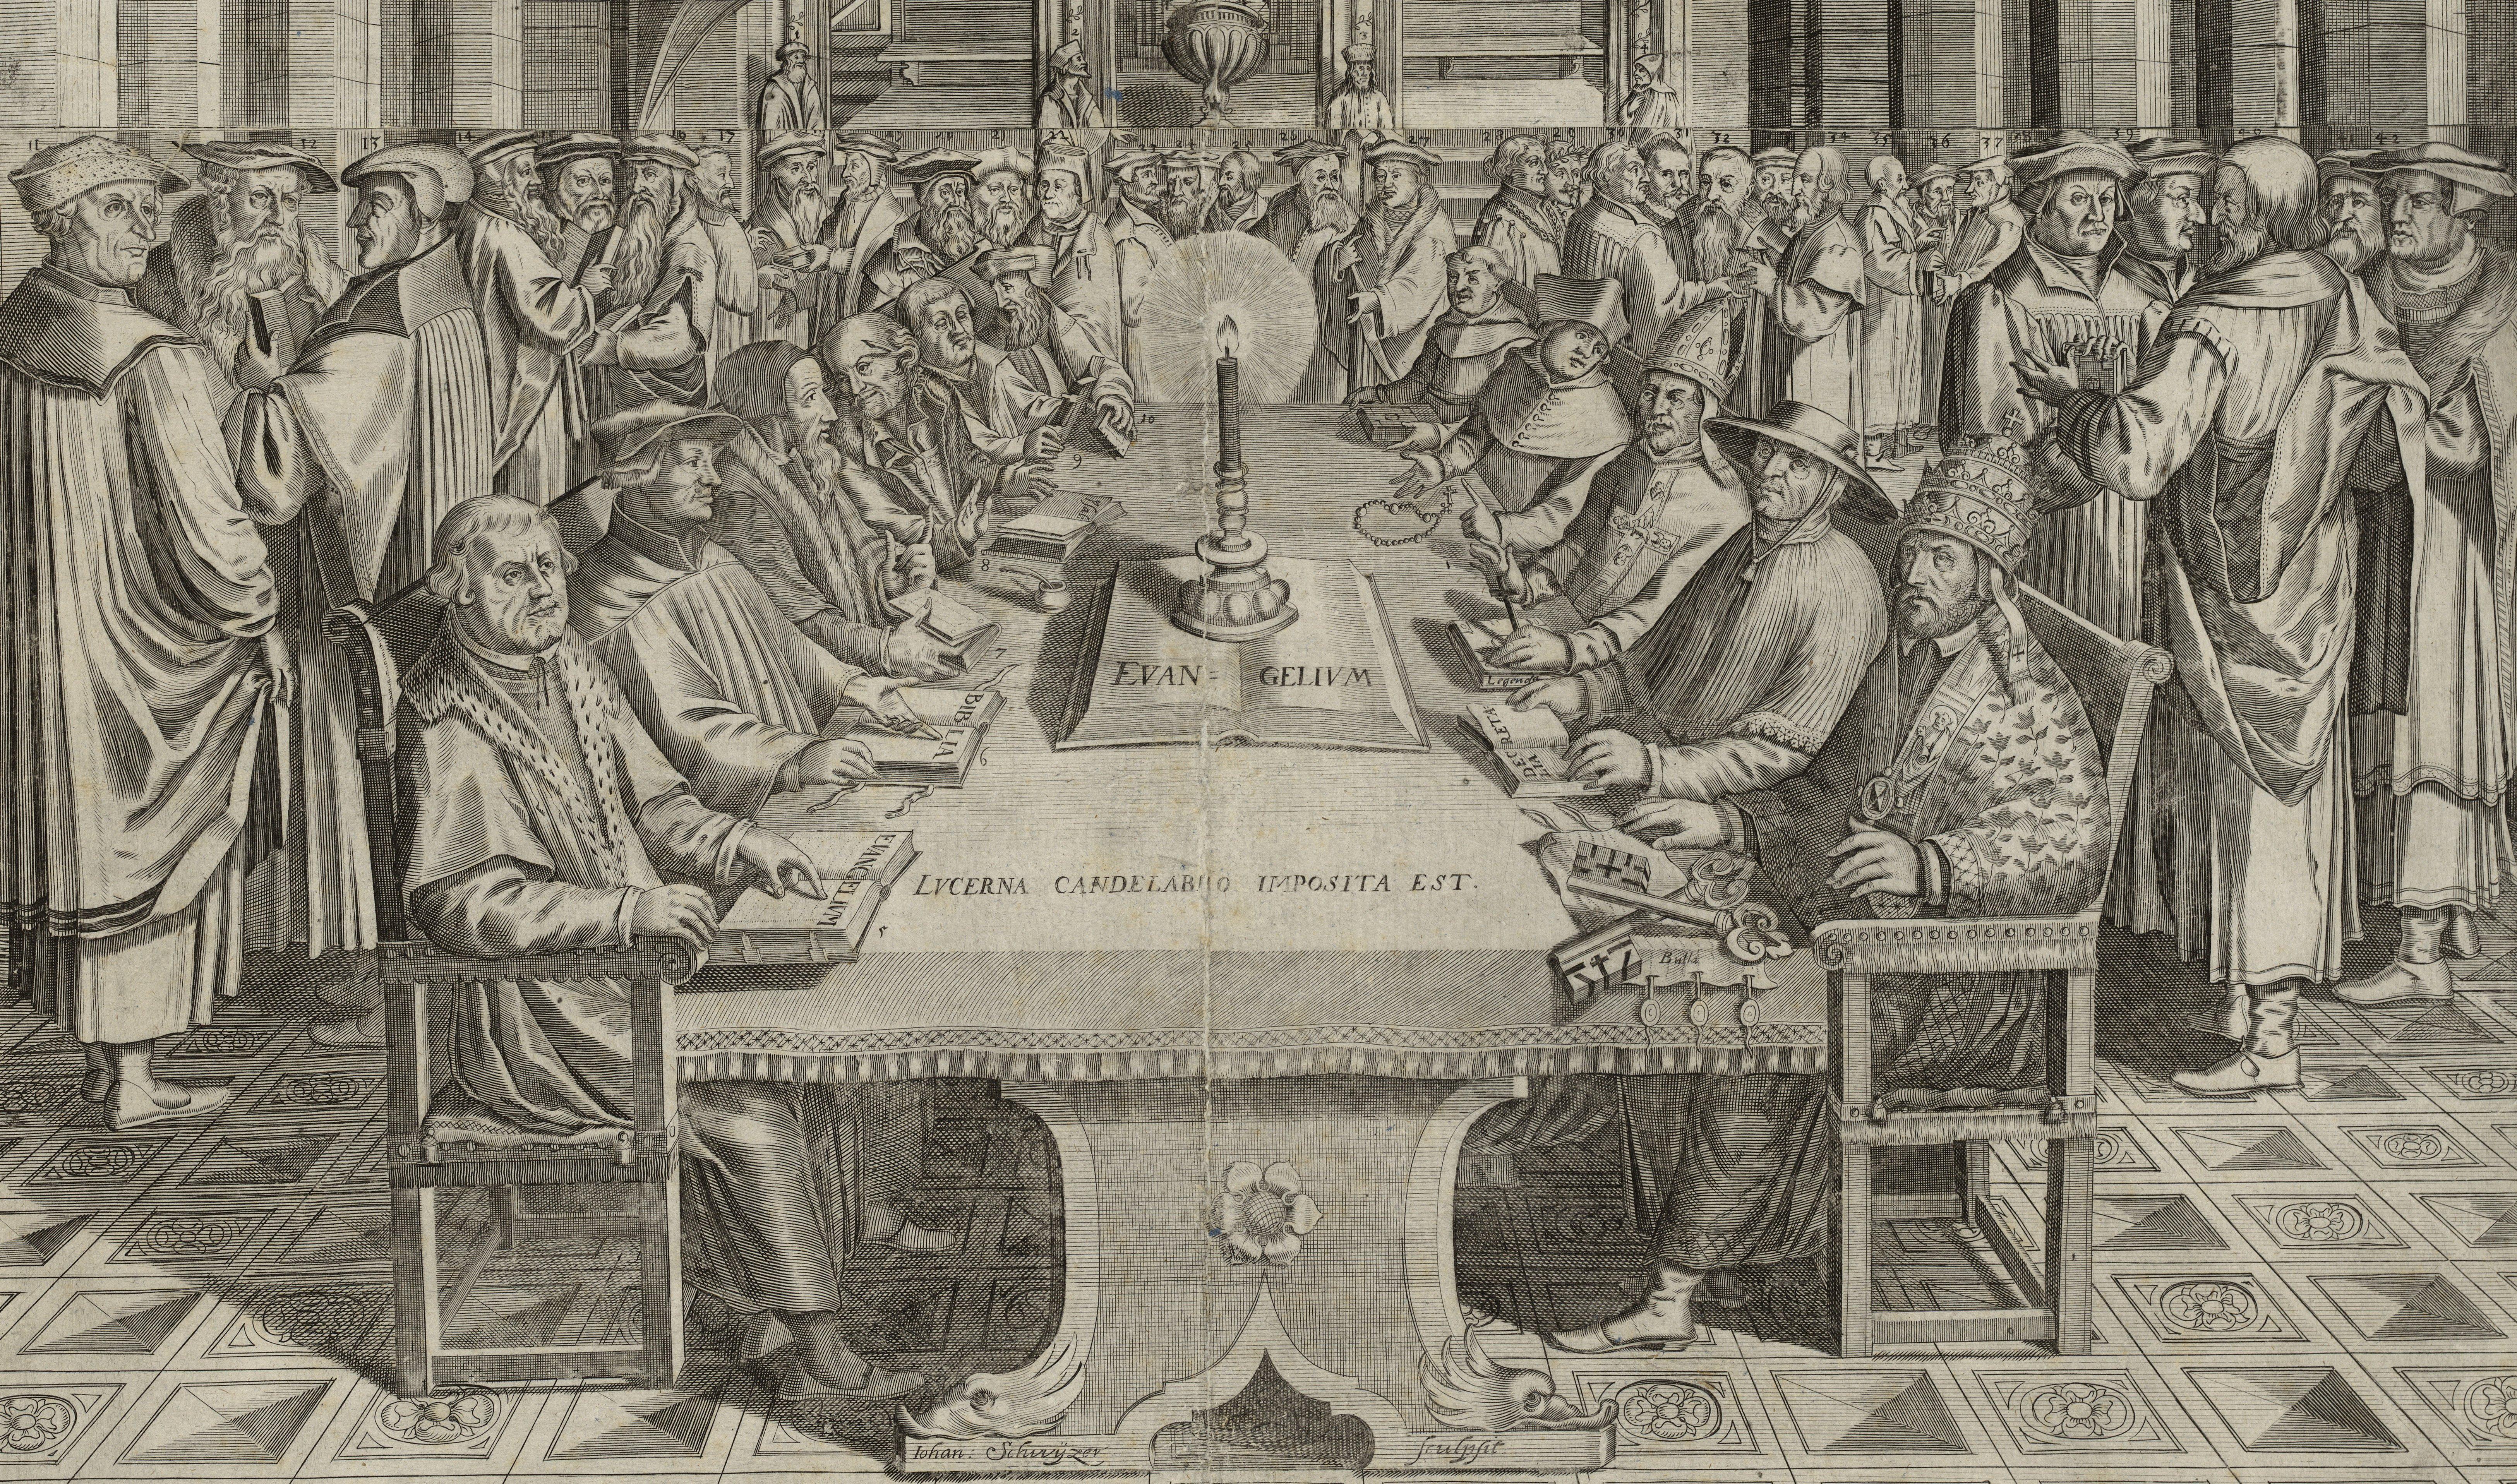 chapter i politics and religion from 1400 to 1715 effigies praecipuorum illustrium atque praestantium aliquot theologorum 000008283 cropped jpg